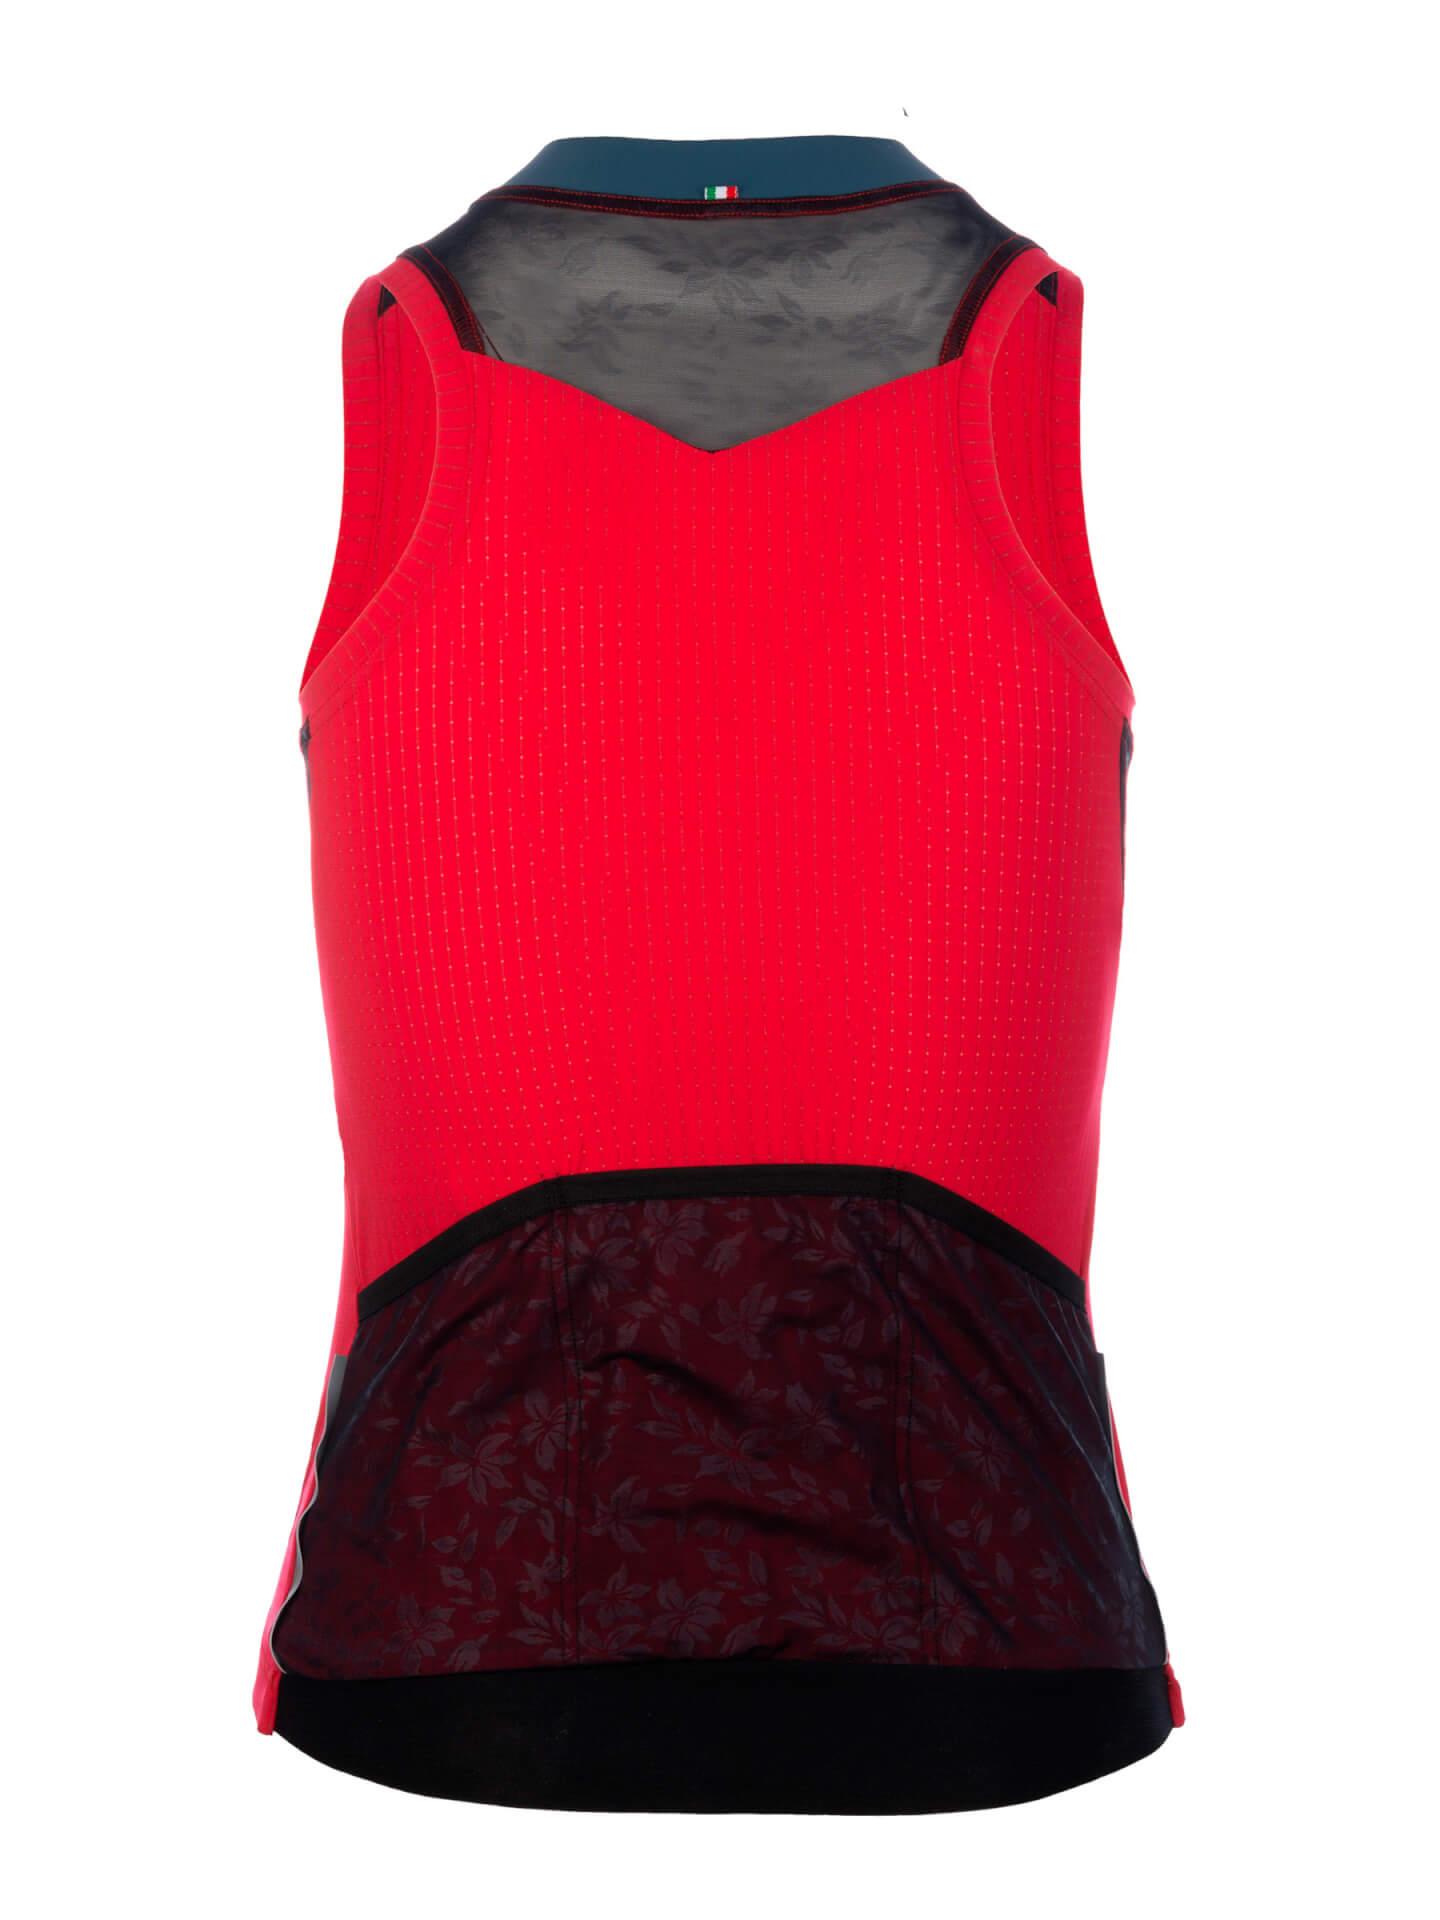 Maillot sin mangas L1 Woman Pinstripe rojo